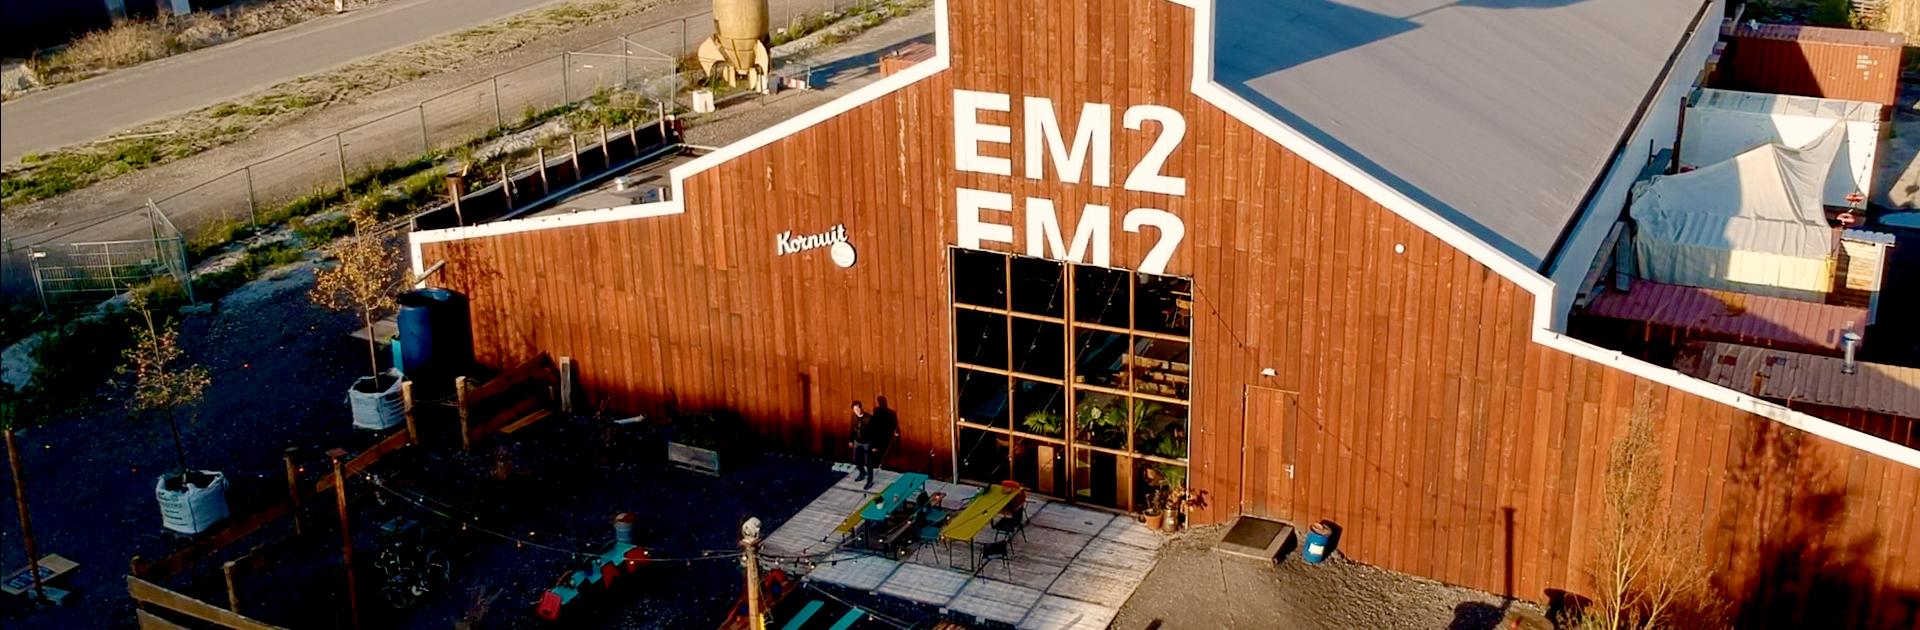 EM2-Live-Concert-Venue-Groningen-NL